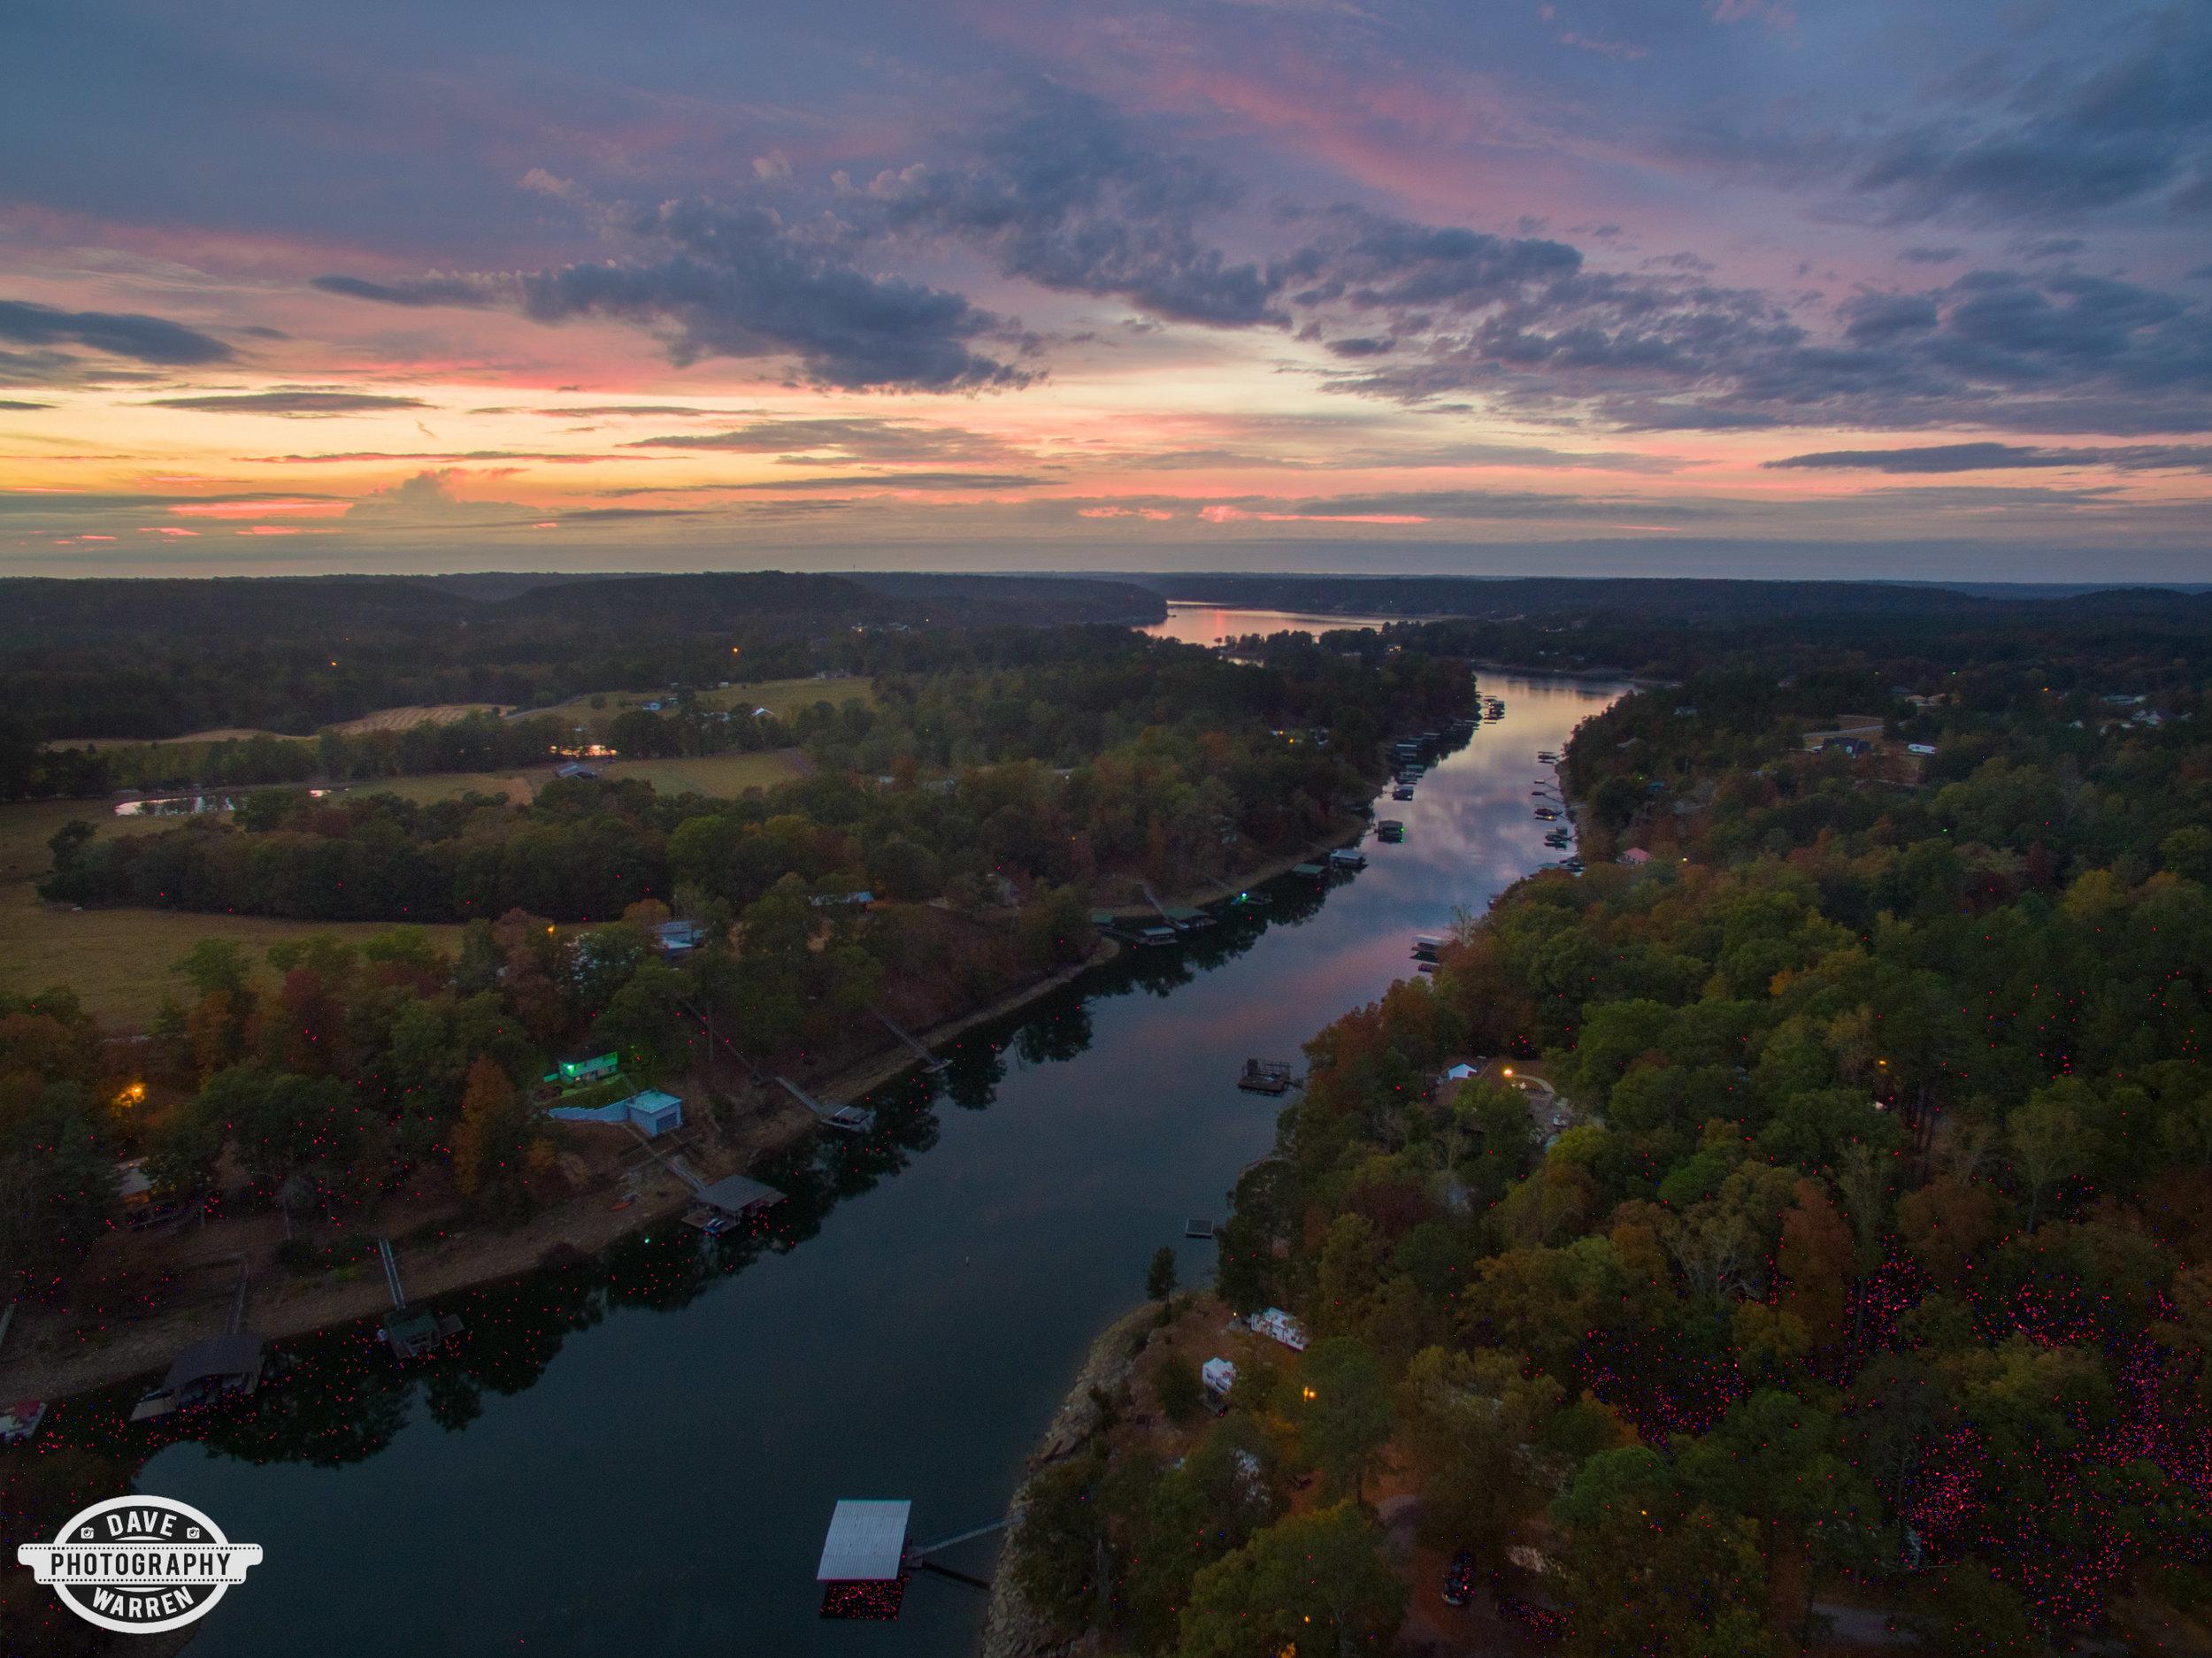 dave-warren-cullman-alabama-aerial-photography-smith-lake-sunset-1.jpg